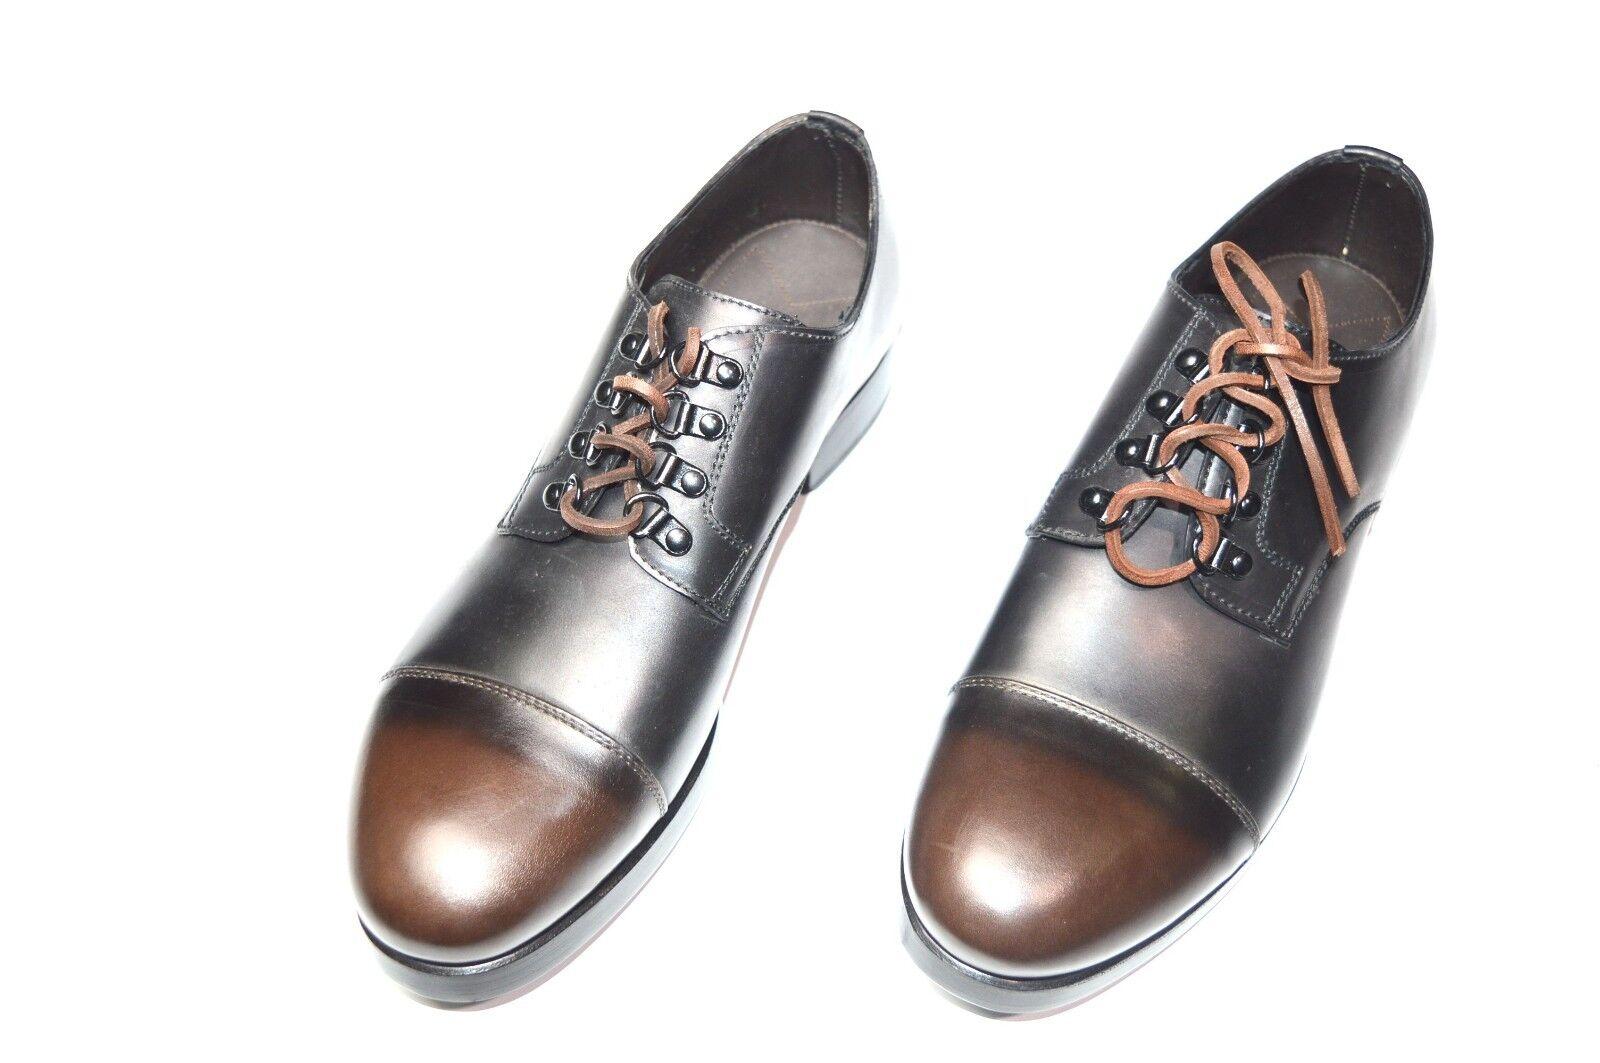 Nouveau MAX VERRE Robe en cuir édition Limitée Chaussures Taille EU 43 UK 9 US 10 Cod M28